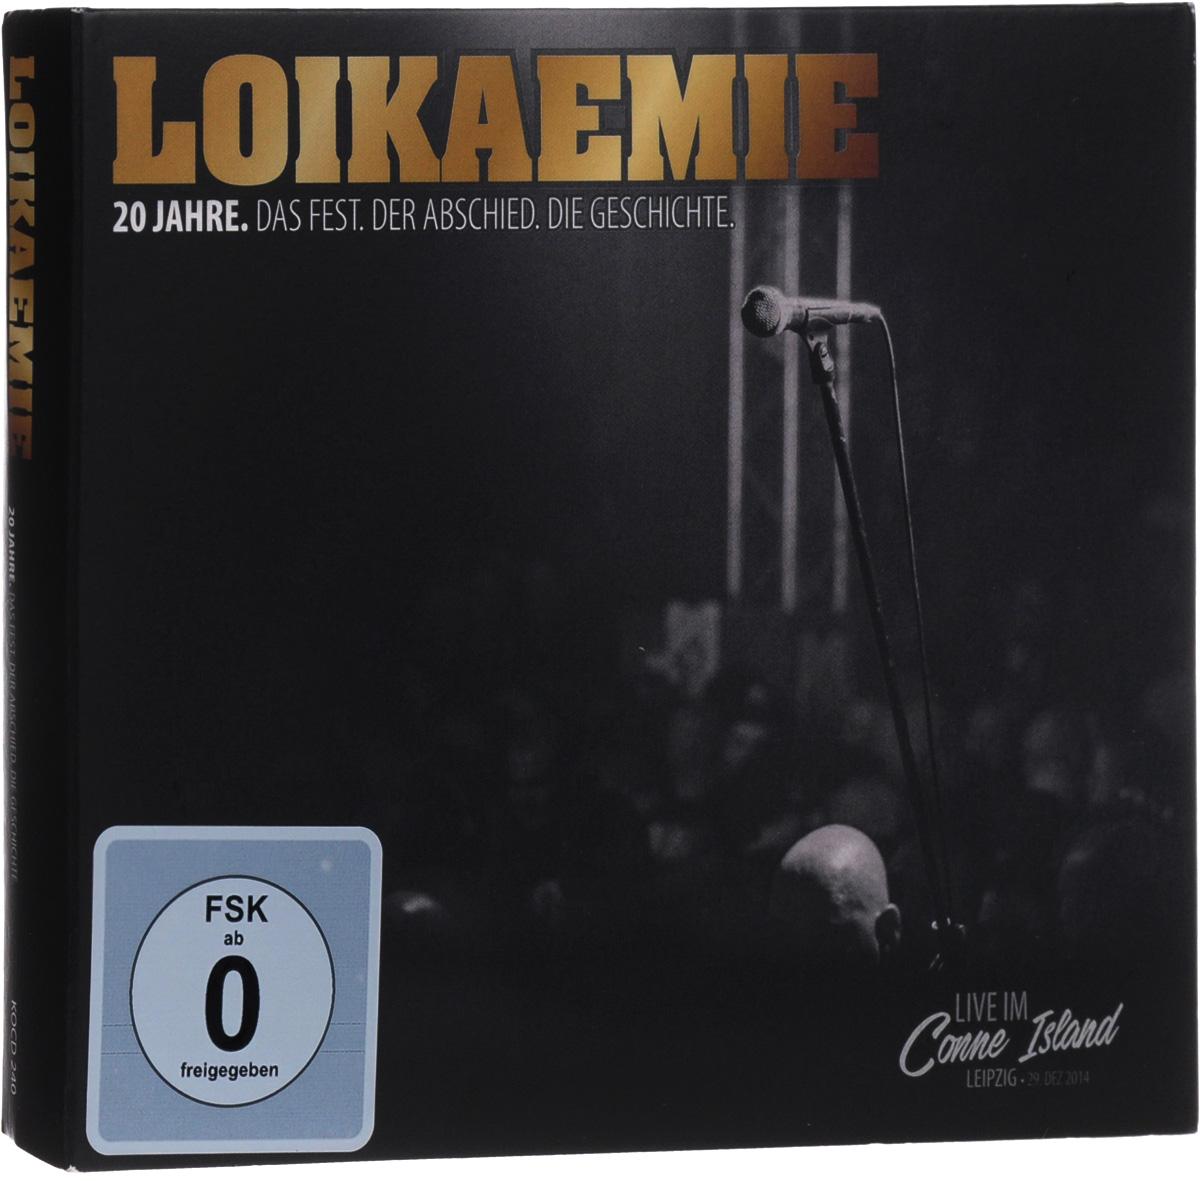 Loikaemie Loikaemie. 20 Jahre. Das Fest. Der Abschied. Die Geschichte (2 CD + DVD) various artist facedown fest 2004 2 dvd